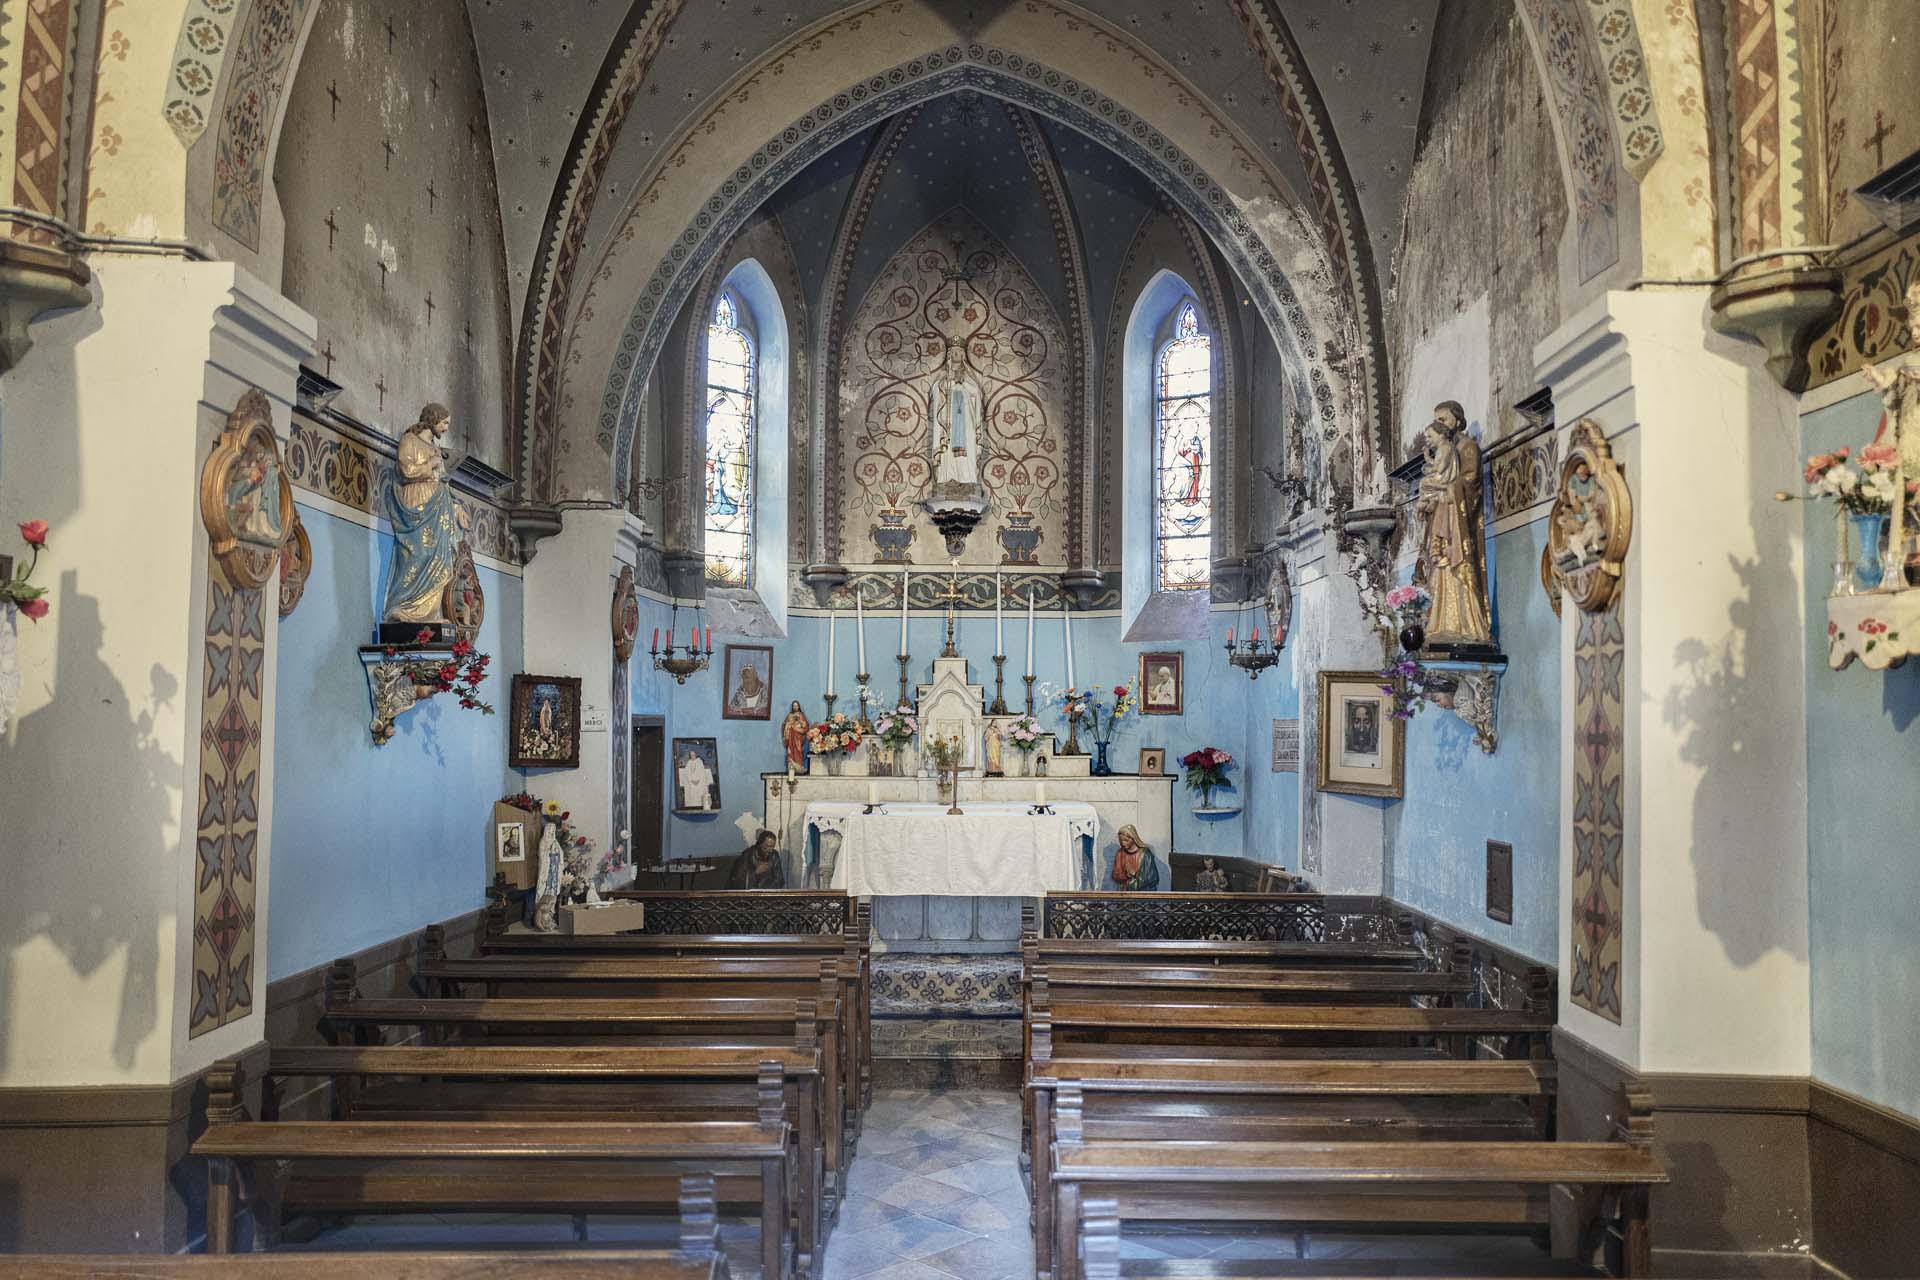 Chapelle - La Muse - Retraite d'artistes et d'écrivains